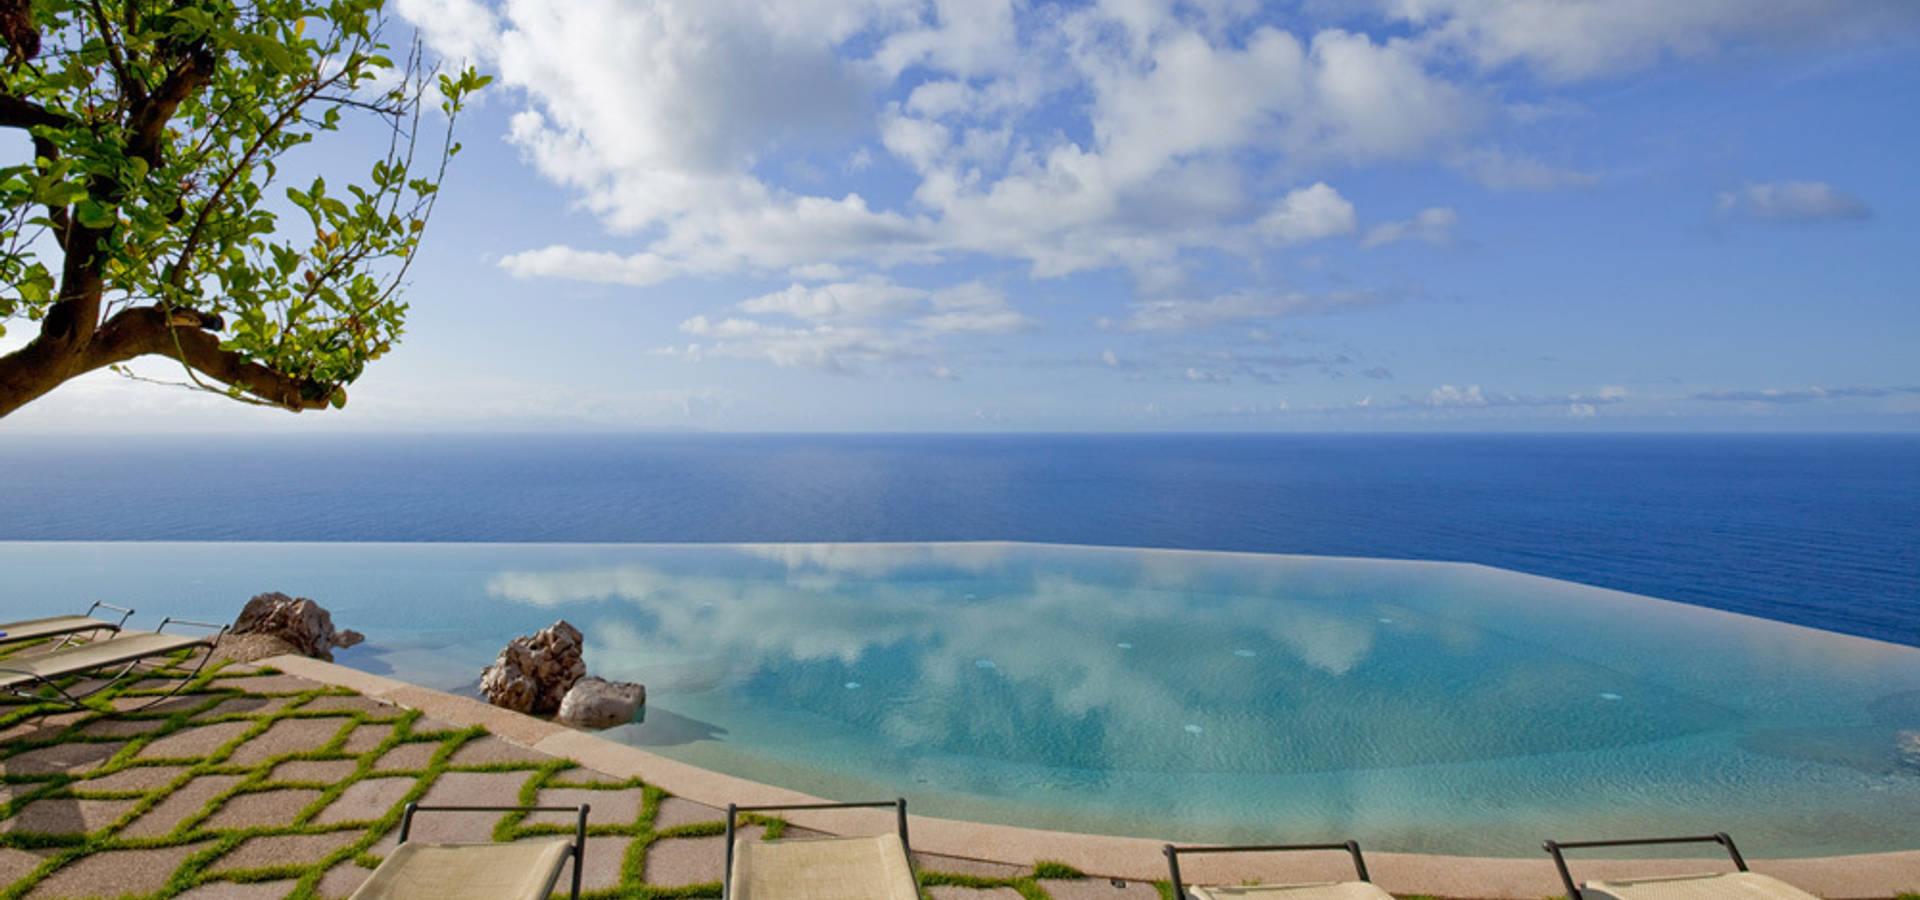 Tutto un nuovo concetto di piscina di biodesign pools homify - Immagini di piscina ...